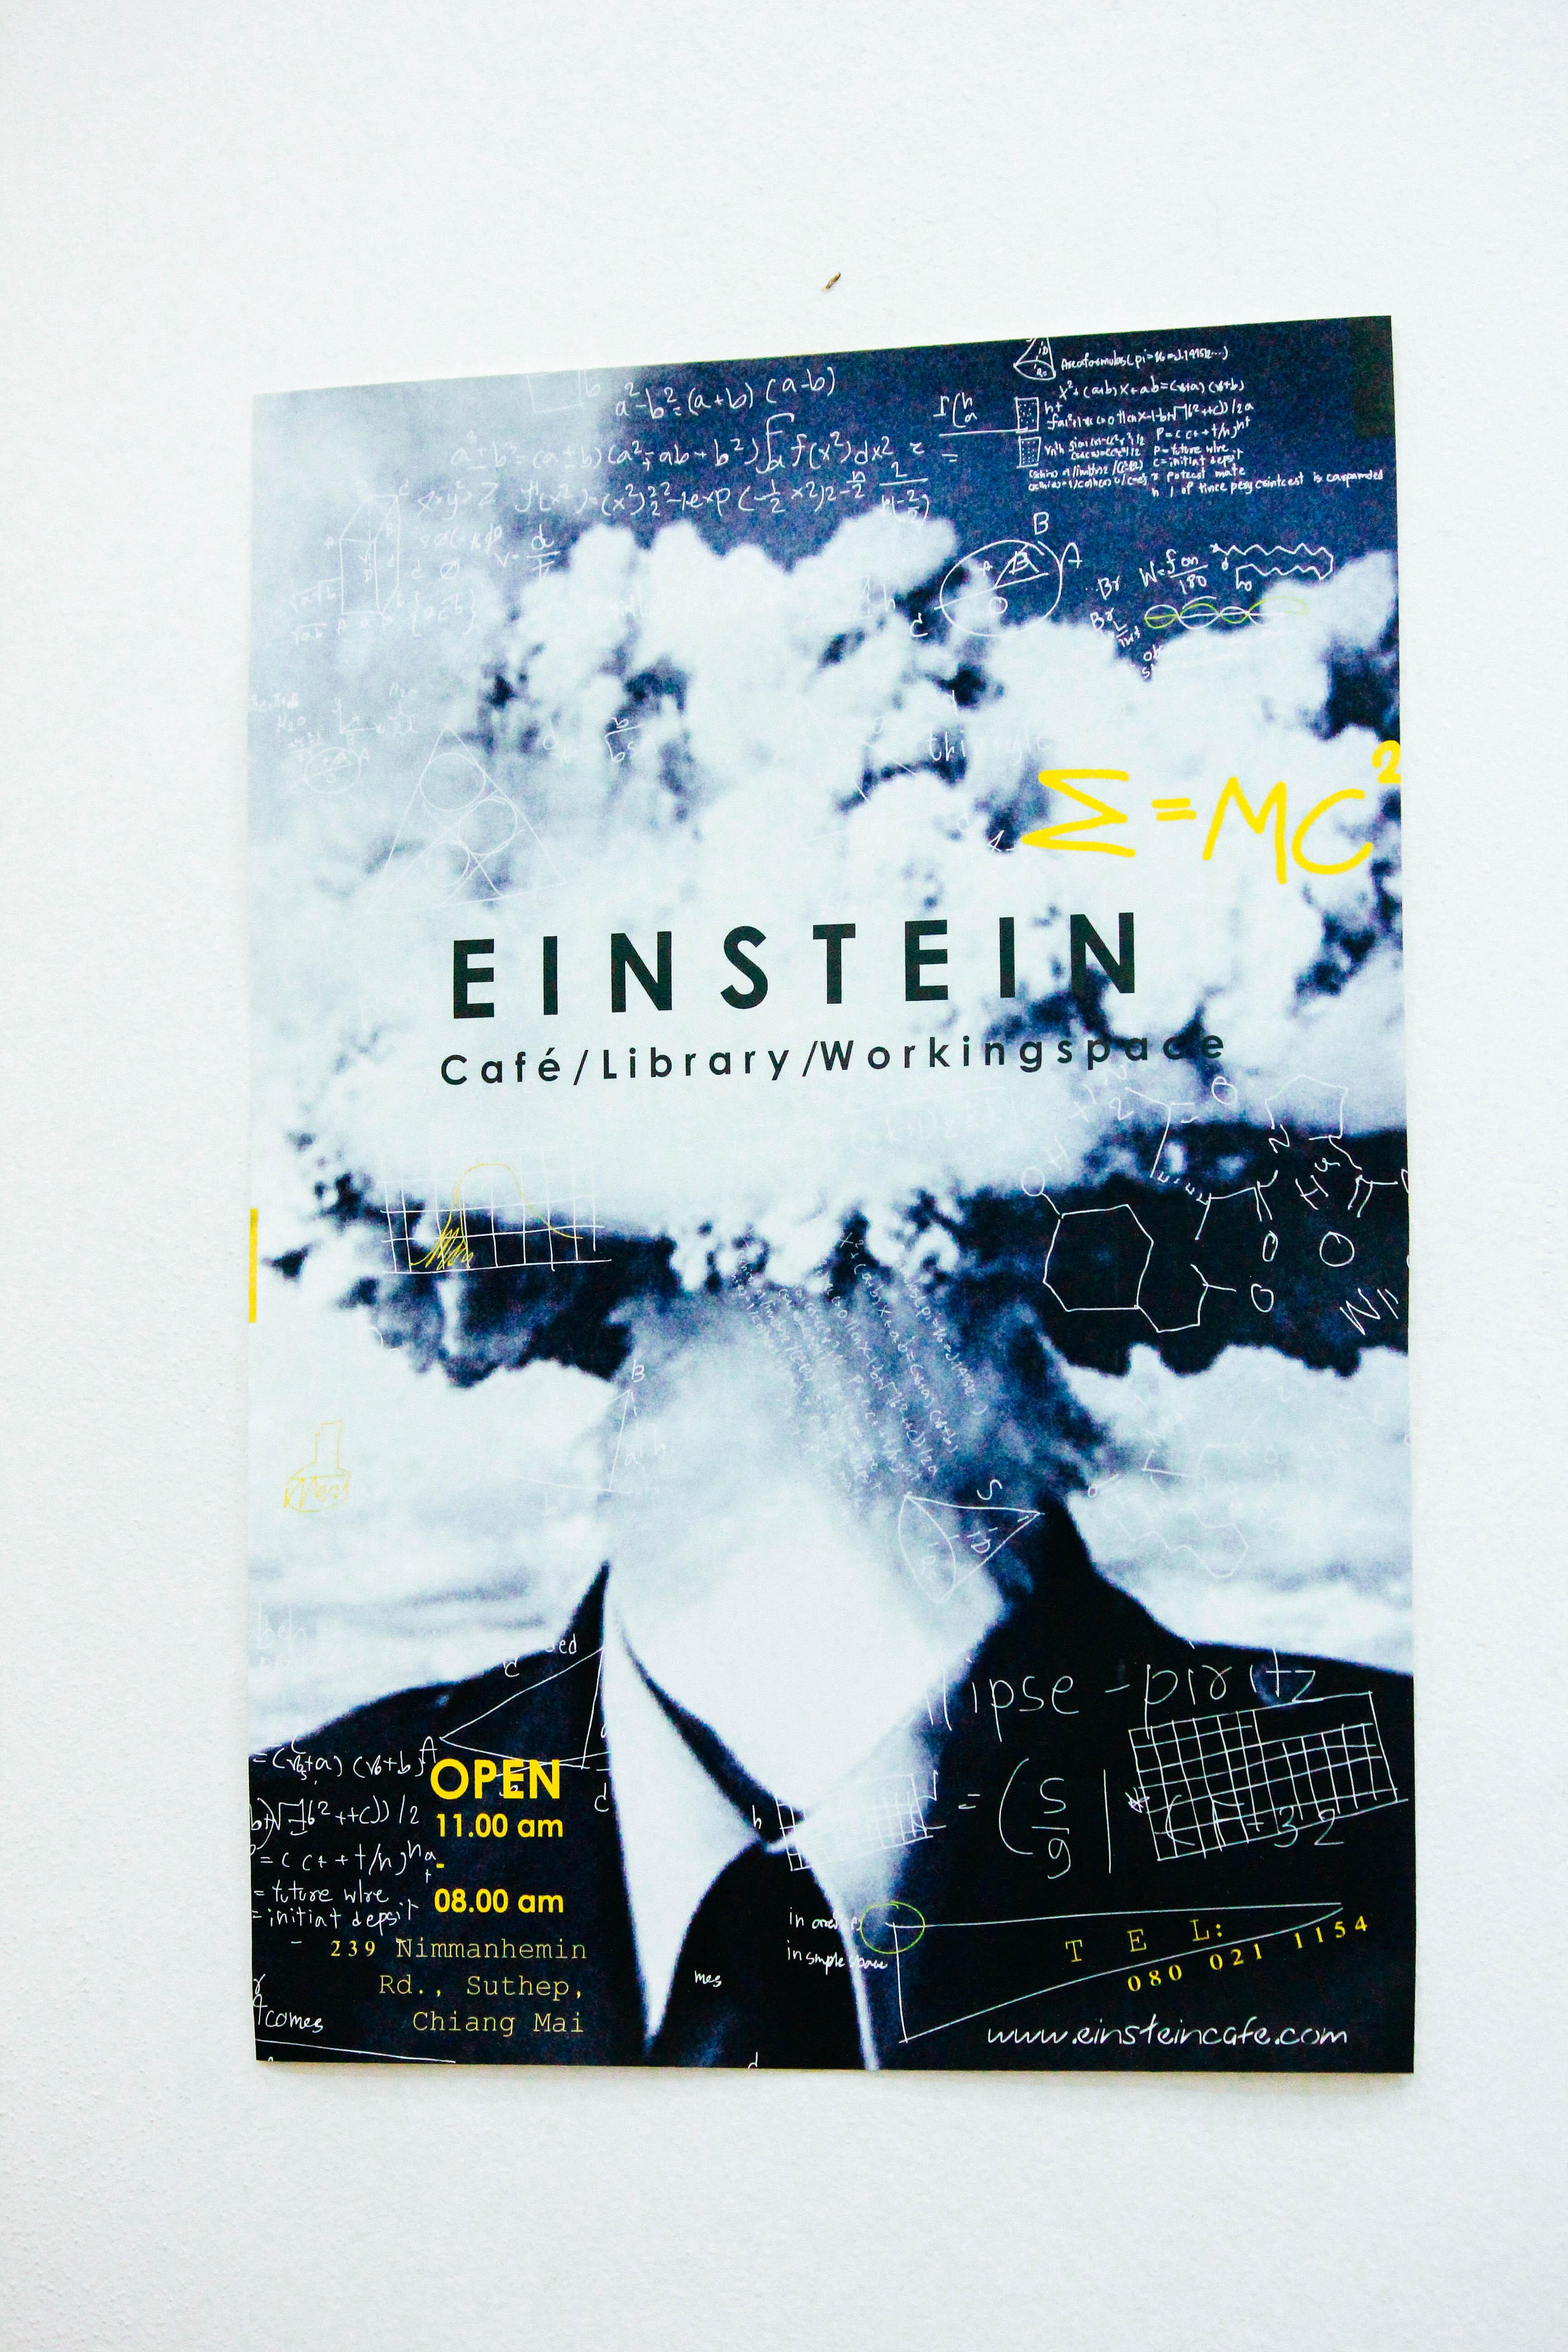 Einstien-03